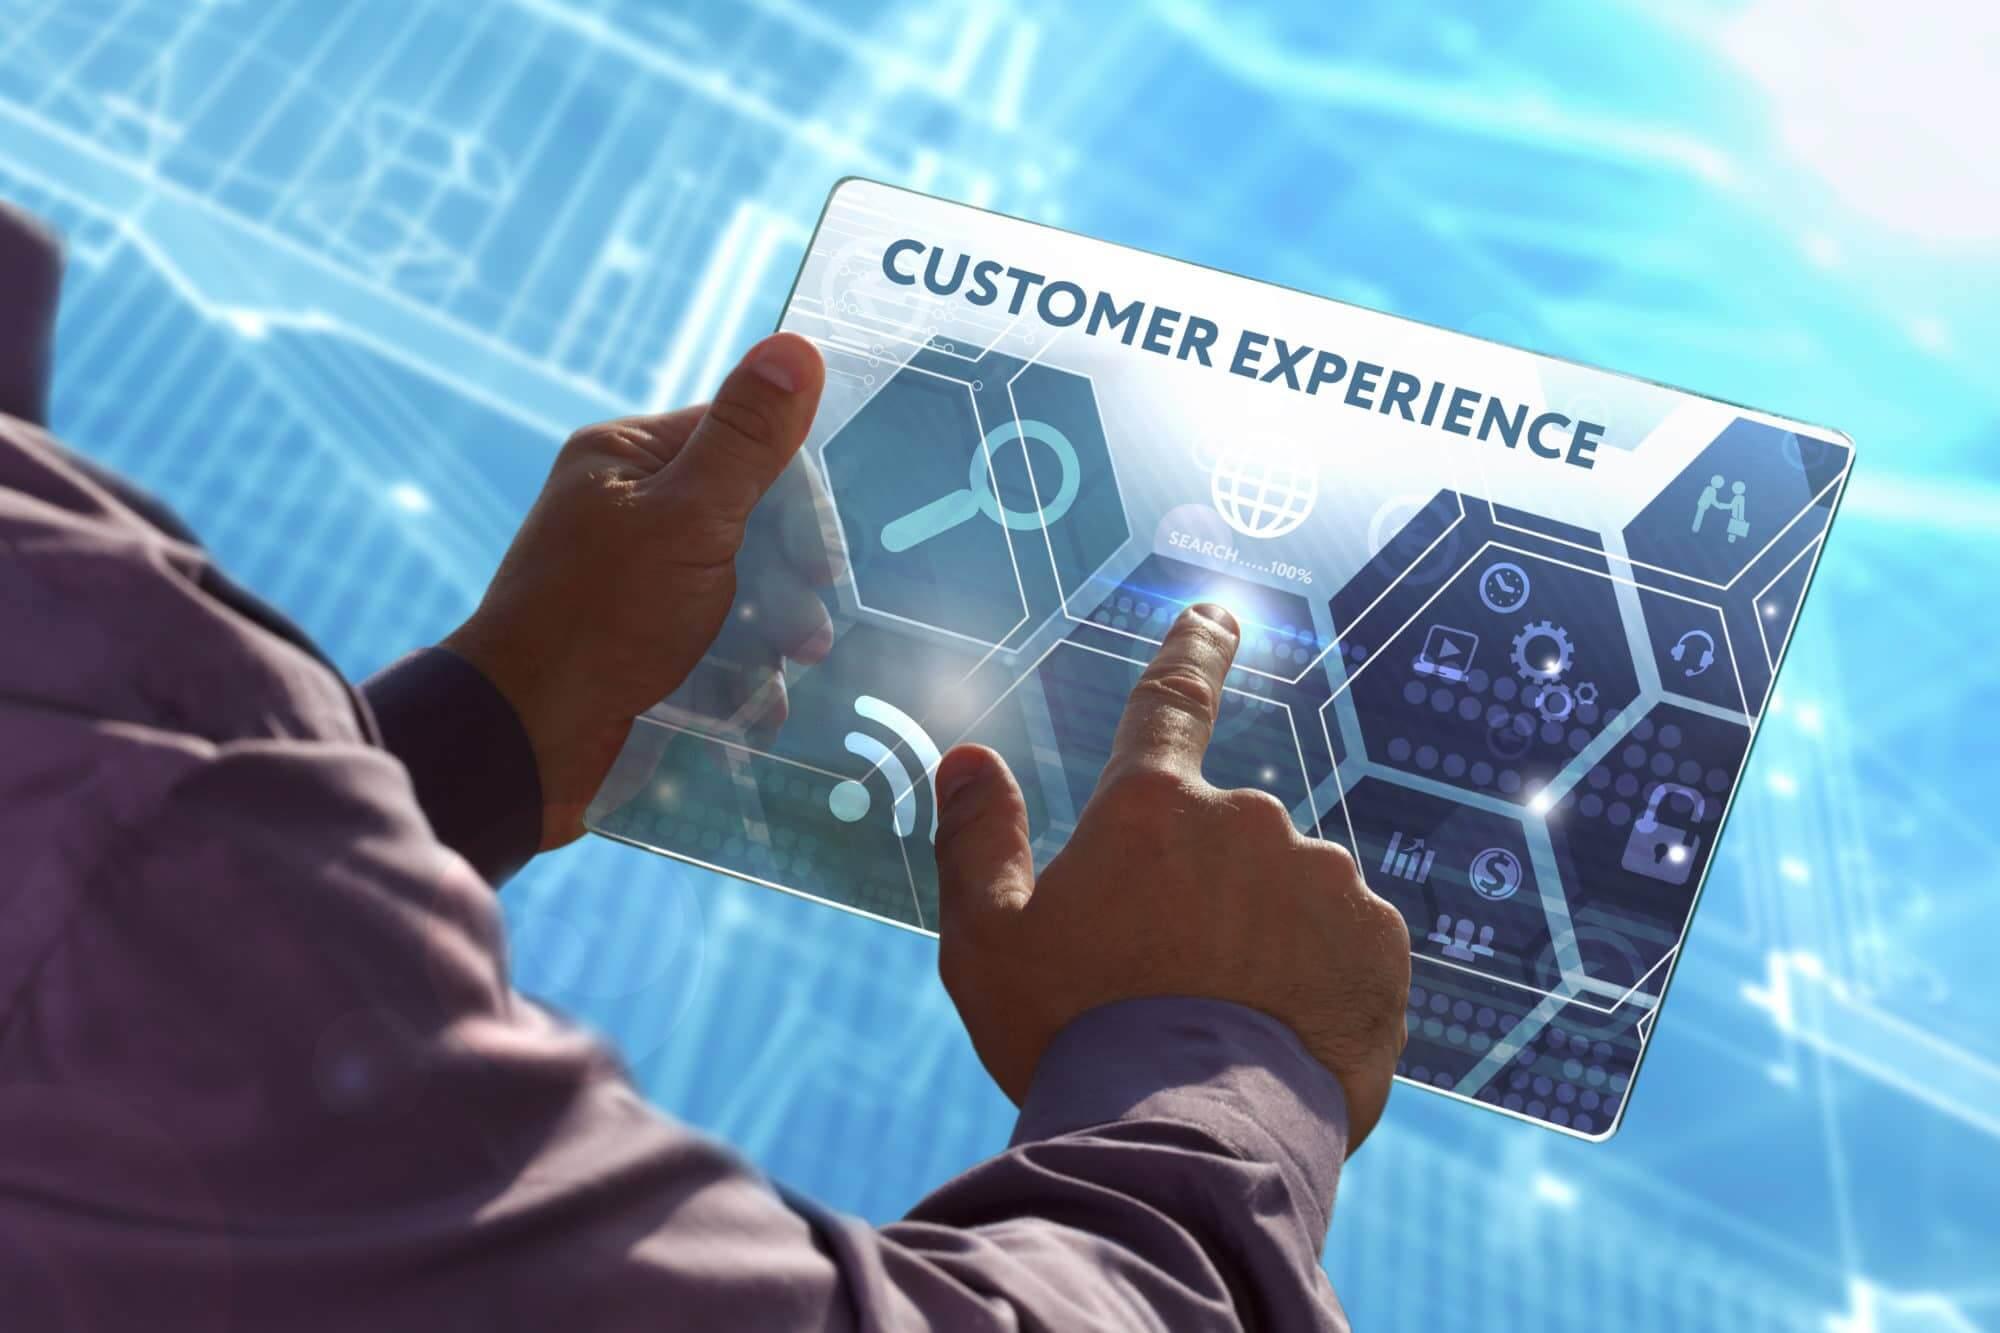 Penser l'expérience client en 2017